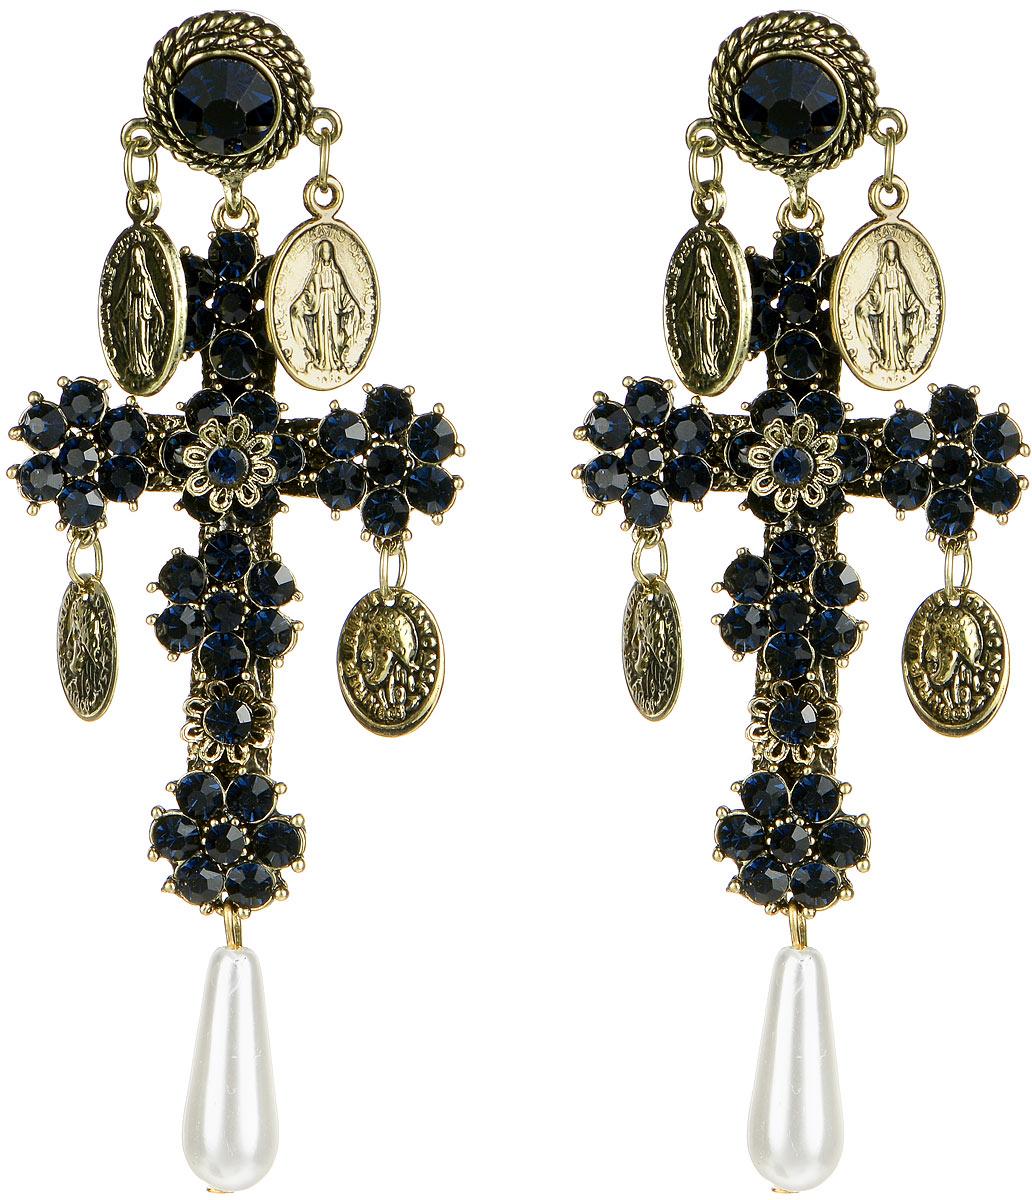 Серьги Taya, цвет: золотистый, темно-синий. T-B-10080T-B-10080-EARR-GL.D.BLUEВеликолепные серьги Taya изготовлены из металлического сплава. Серьги выполнены в виде крестов, украшенных стразами, подвесками из монет и продолговатыми бусинами. Серьги застегиваются на замок-гвоздик с пластиковыми заглушками. Такие серьги позволят вам с легкостью воплотить самую смелую фантазию и создать собственный, неповторимый образ.